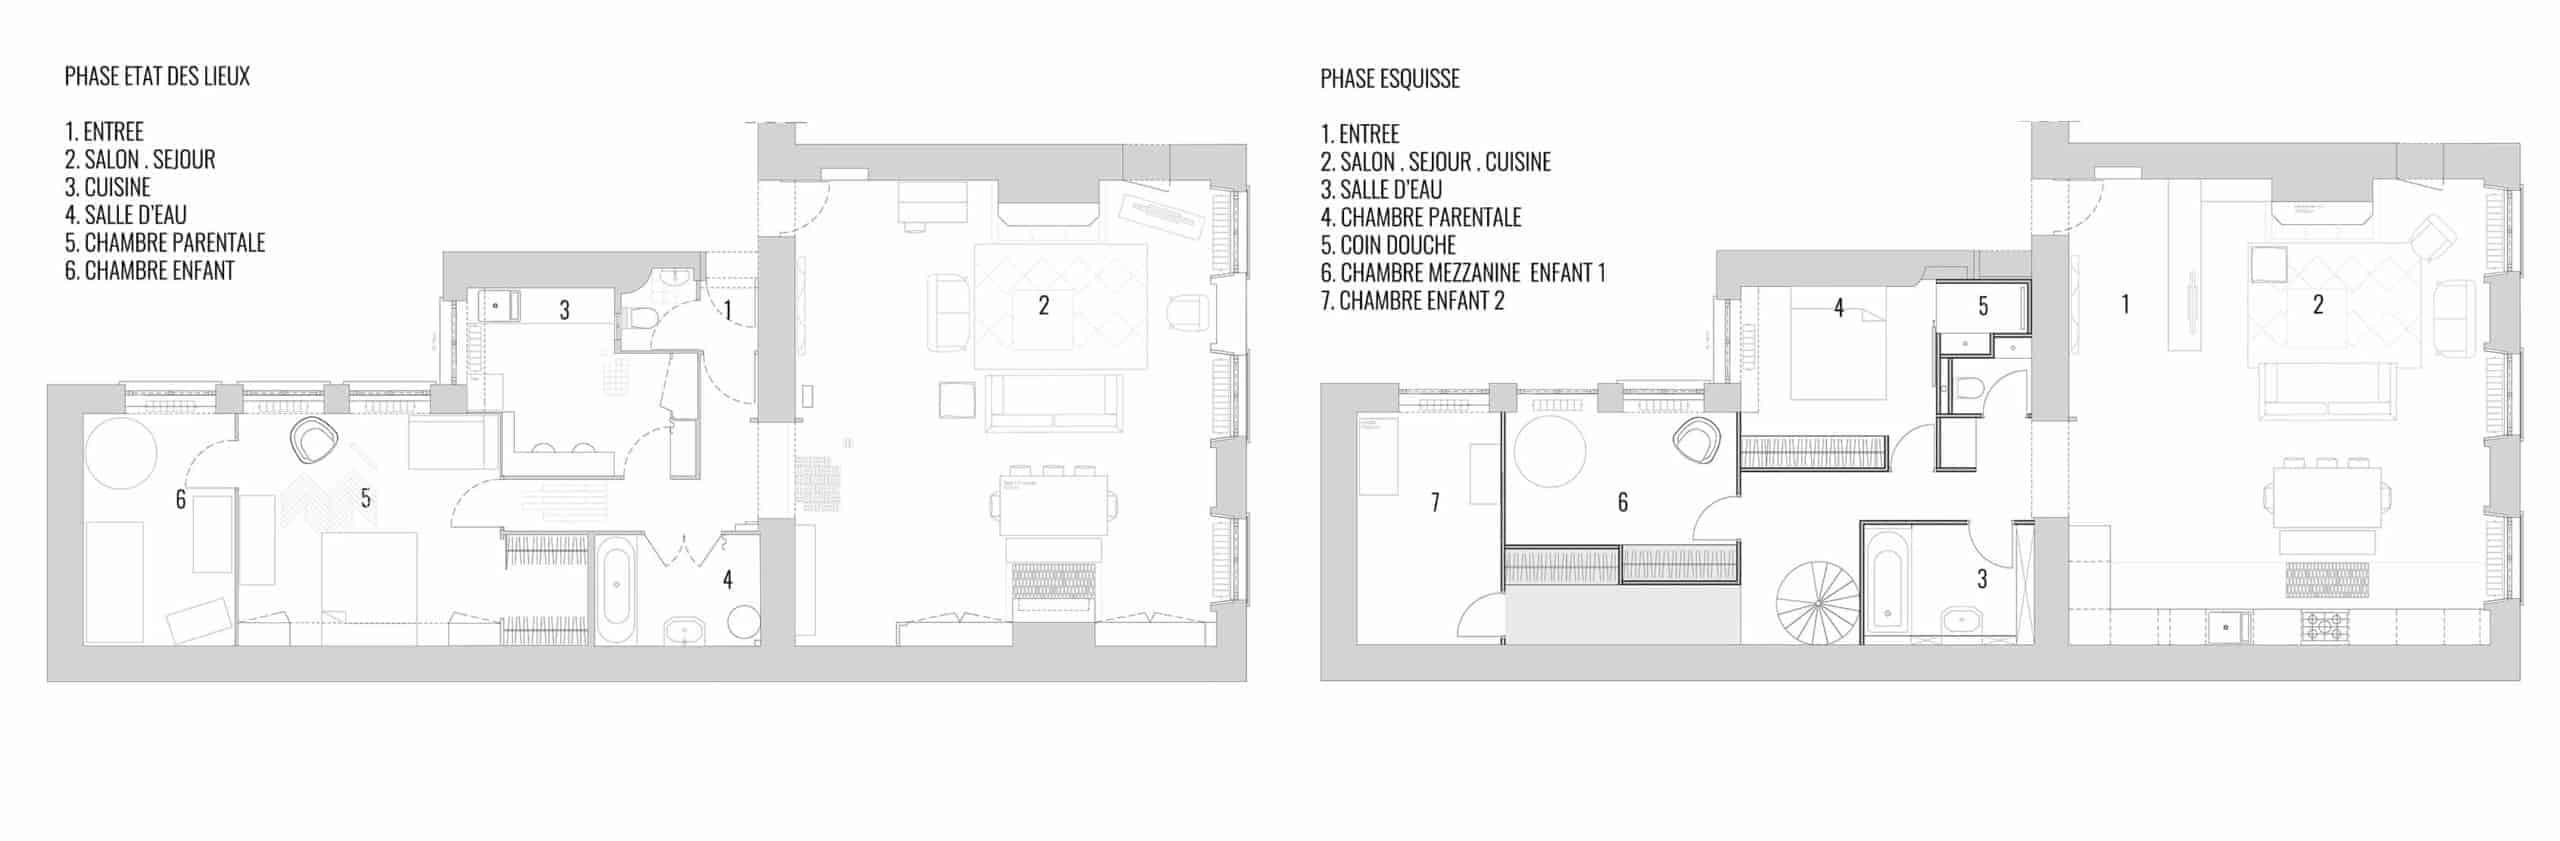 PRESTATIONS - Gros plan d'un texte sur un fond blanc - Plan d'étage